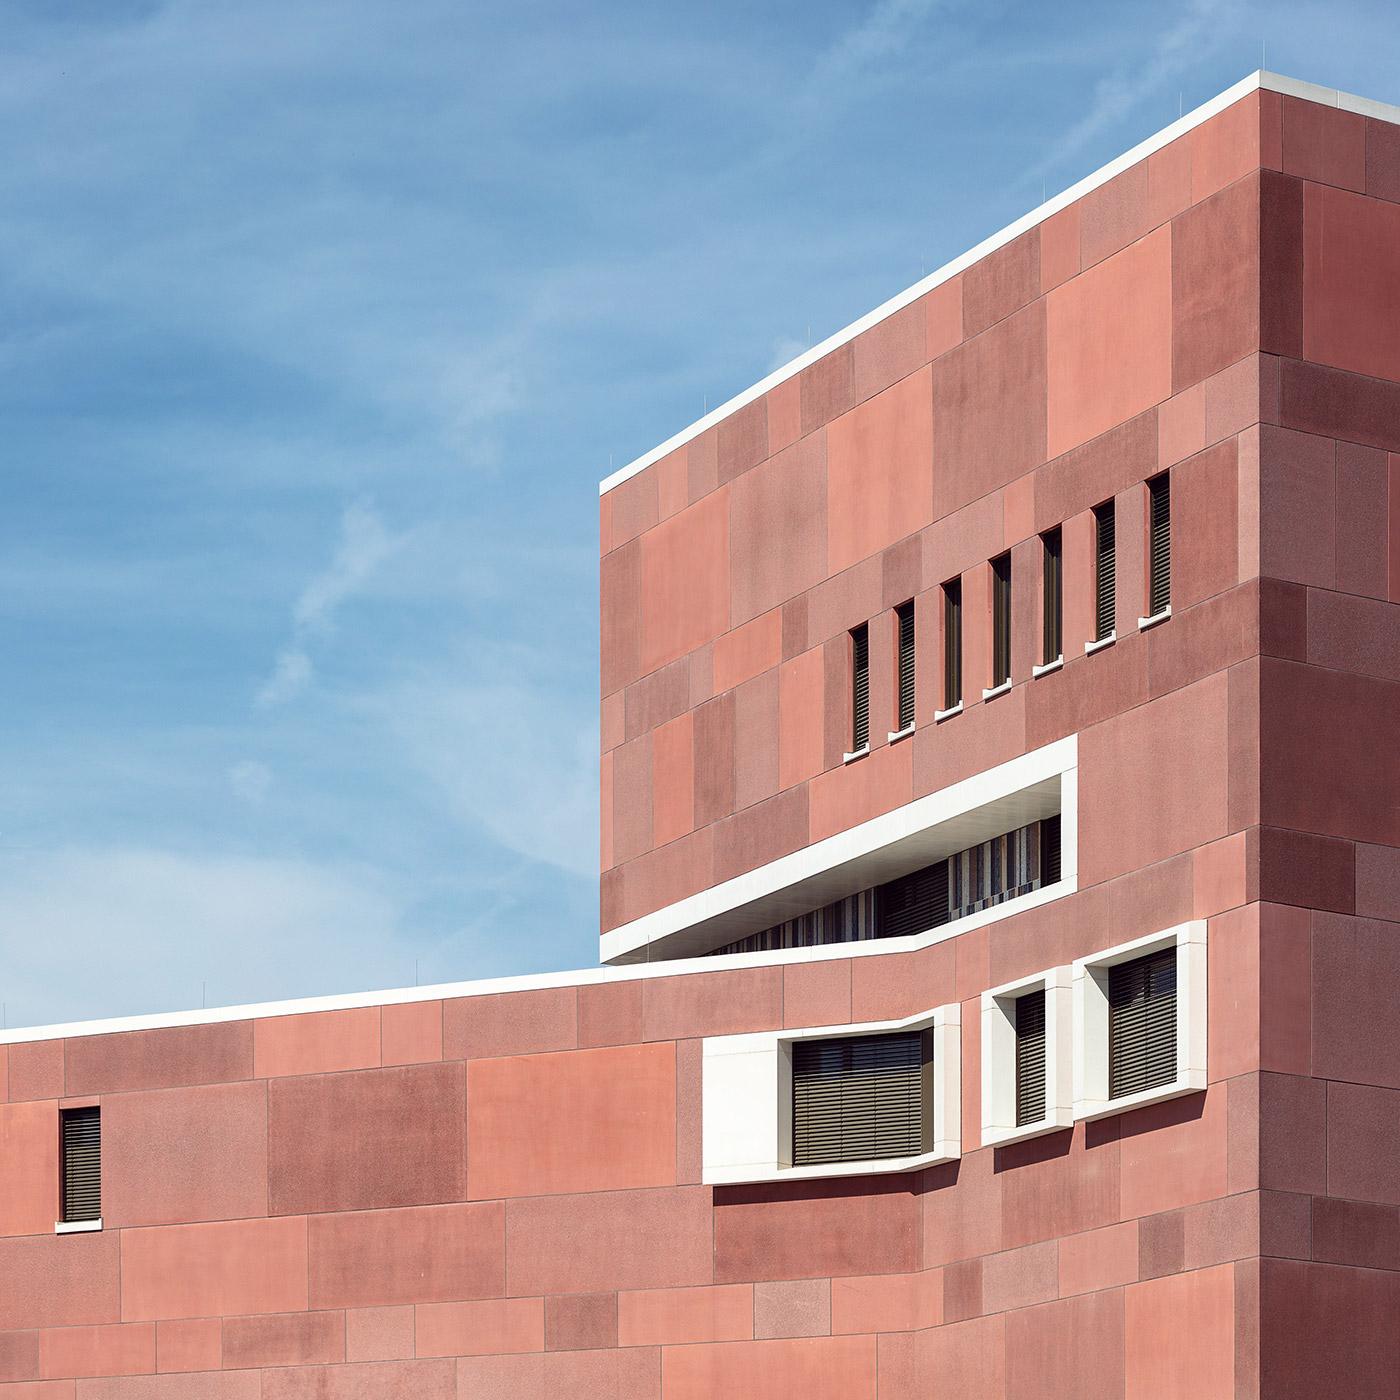 BNL Bibliothèque Nationale de Luxembourg . Location: Luxembourg City, Luxembourg . Architect: Bolles+Wilson